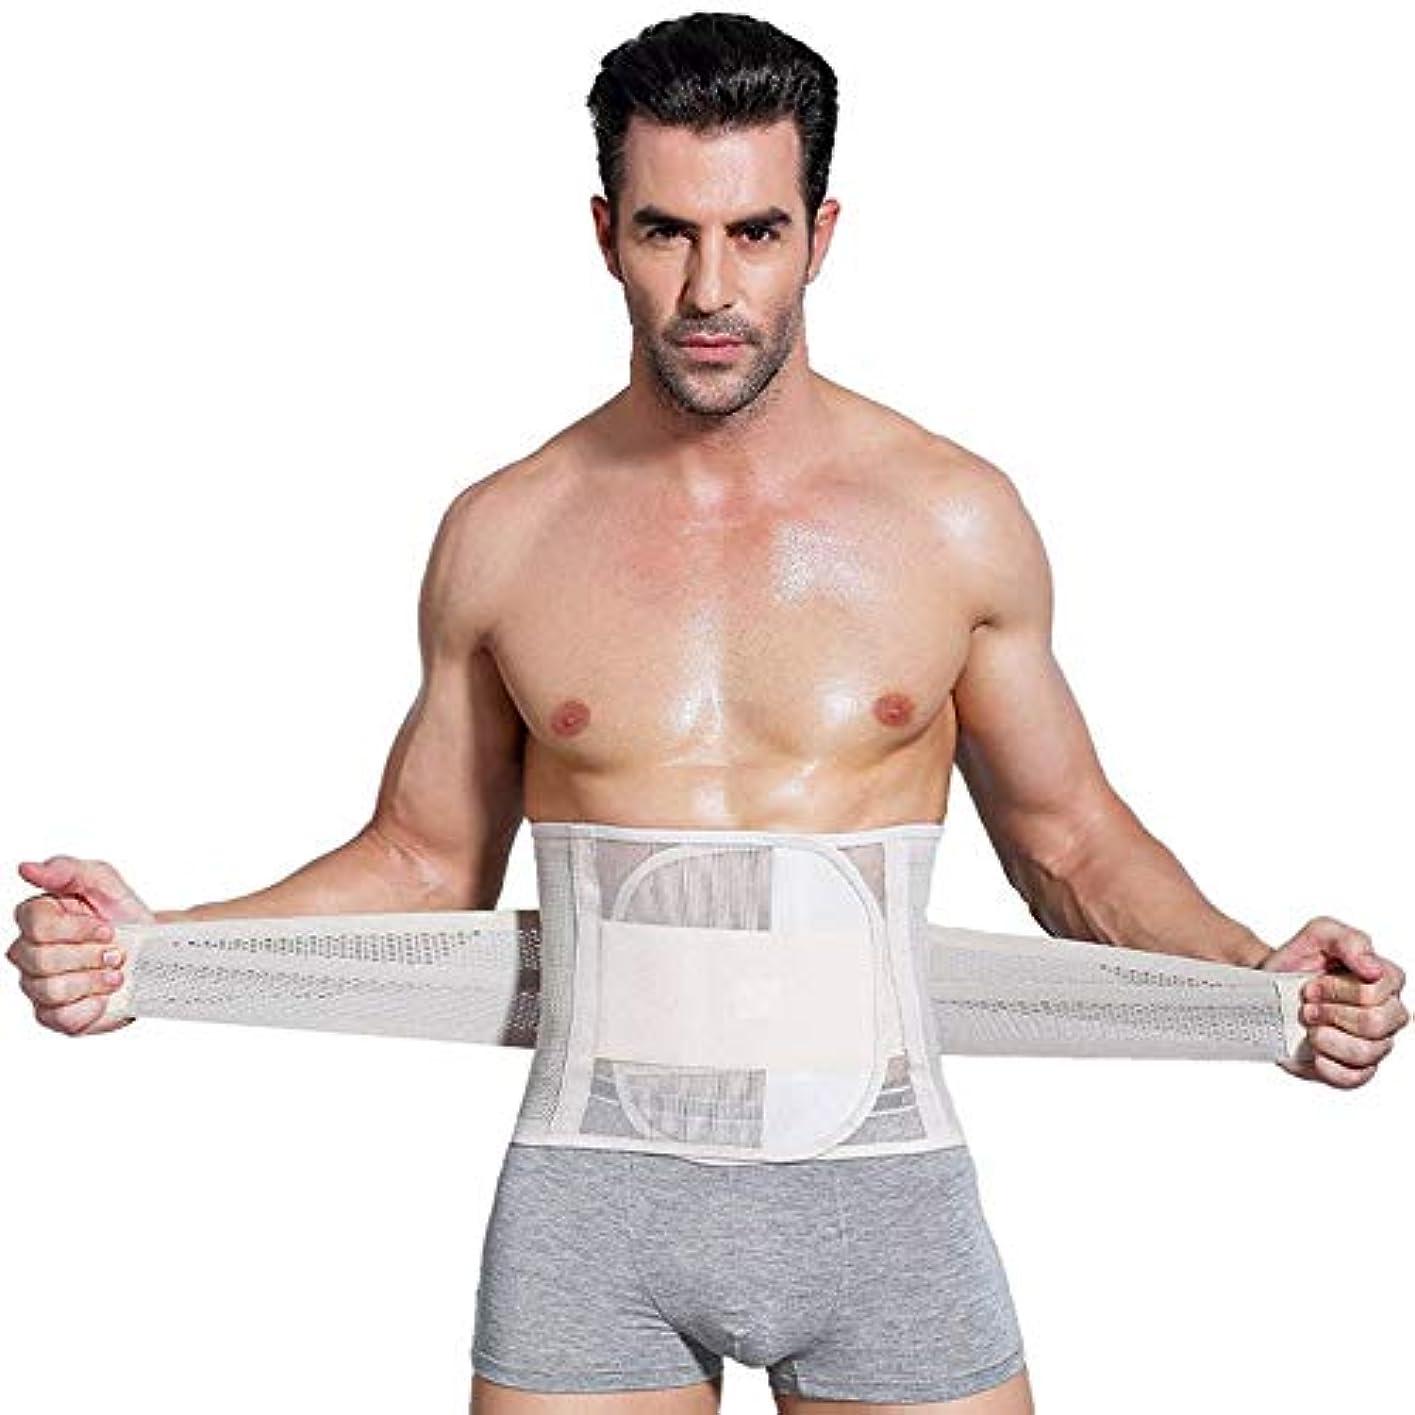 適用済み助言ギャラリー男性ボディシェイパーコルセット腹部おなかコントロールウエストトレーナーニッパー脂肪燃焼ガードル痩身腹ベルト用男性 - 肌色XL